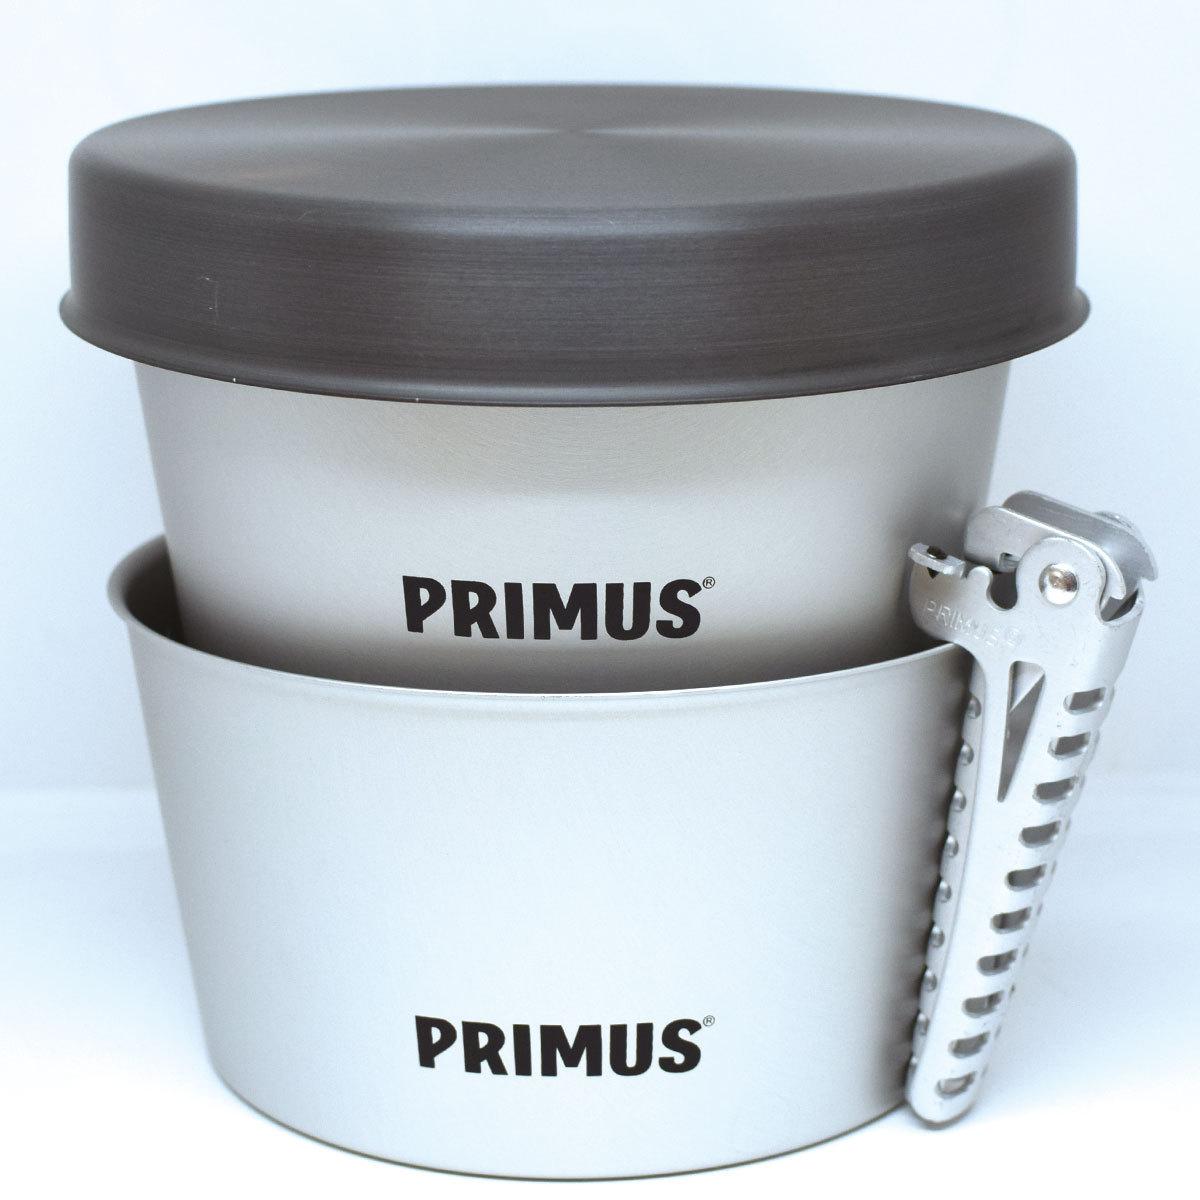 PRIMUS(プリムス)エッセンシャル ポットセット 2.3ℓ